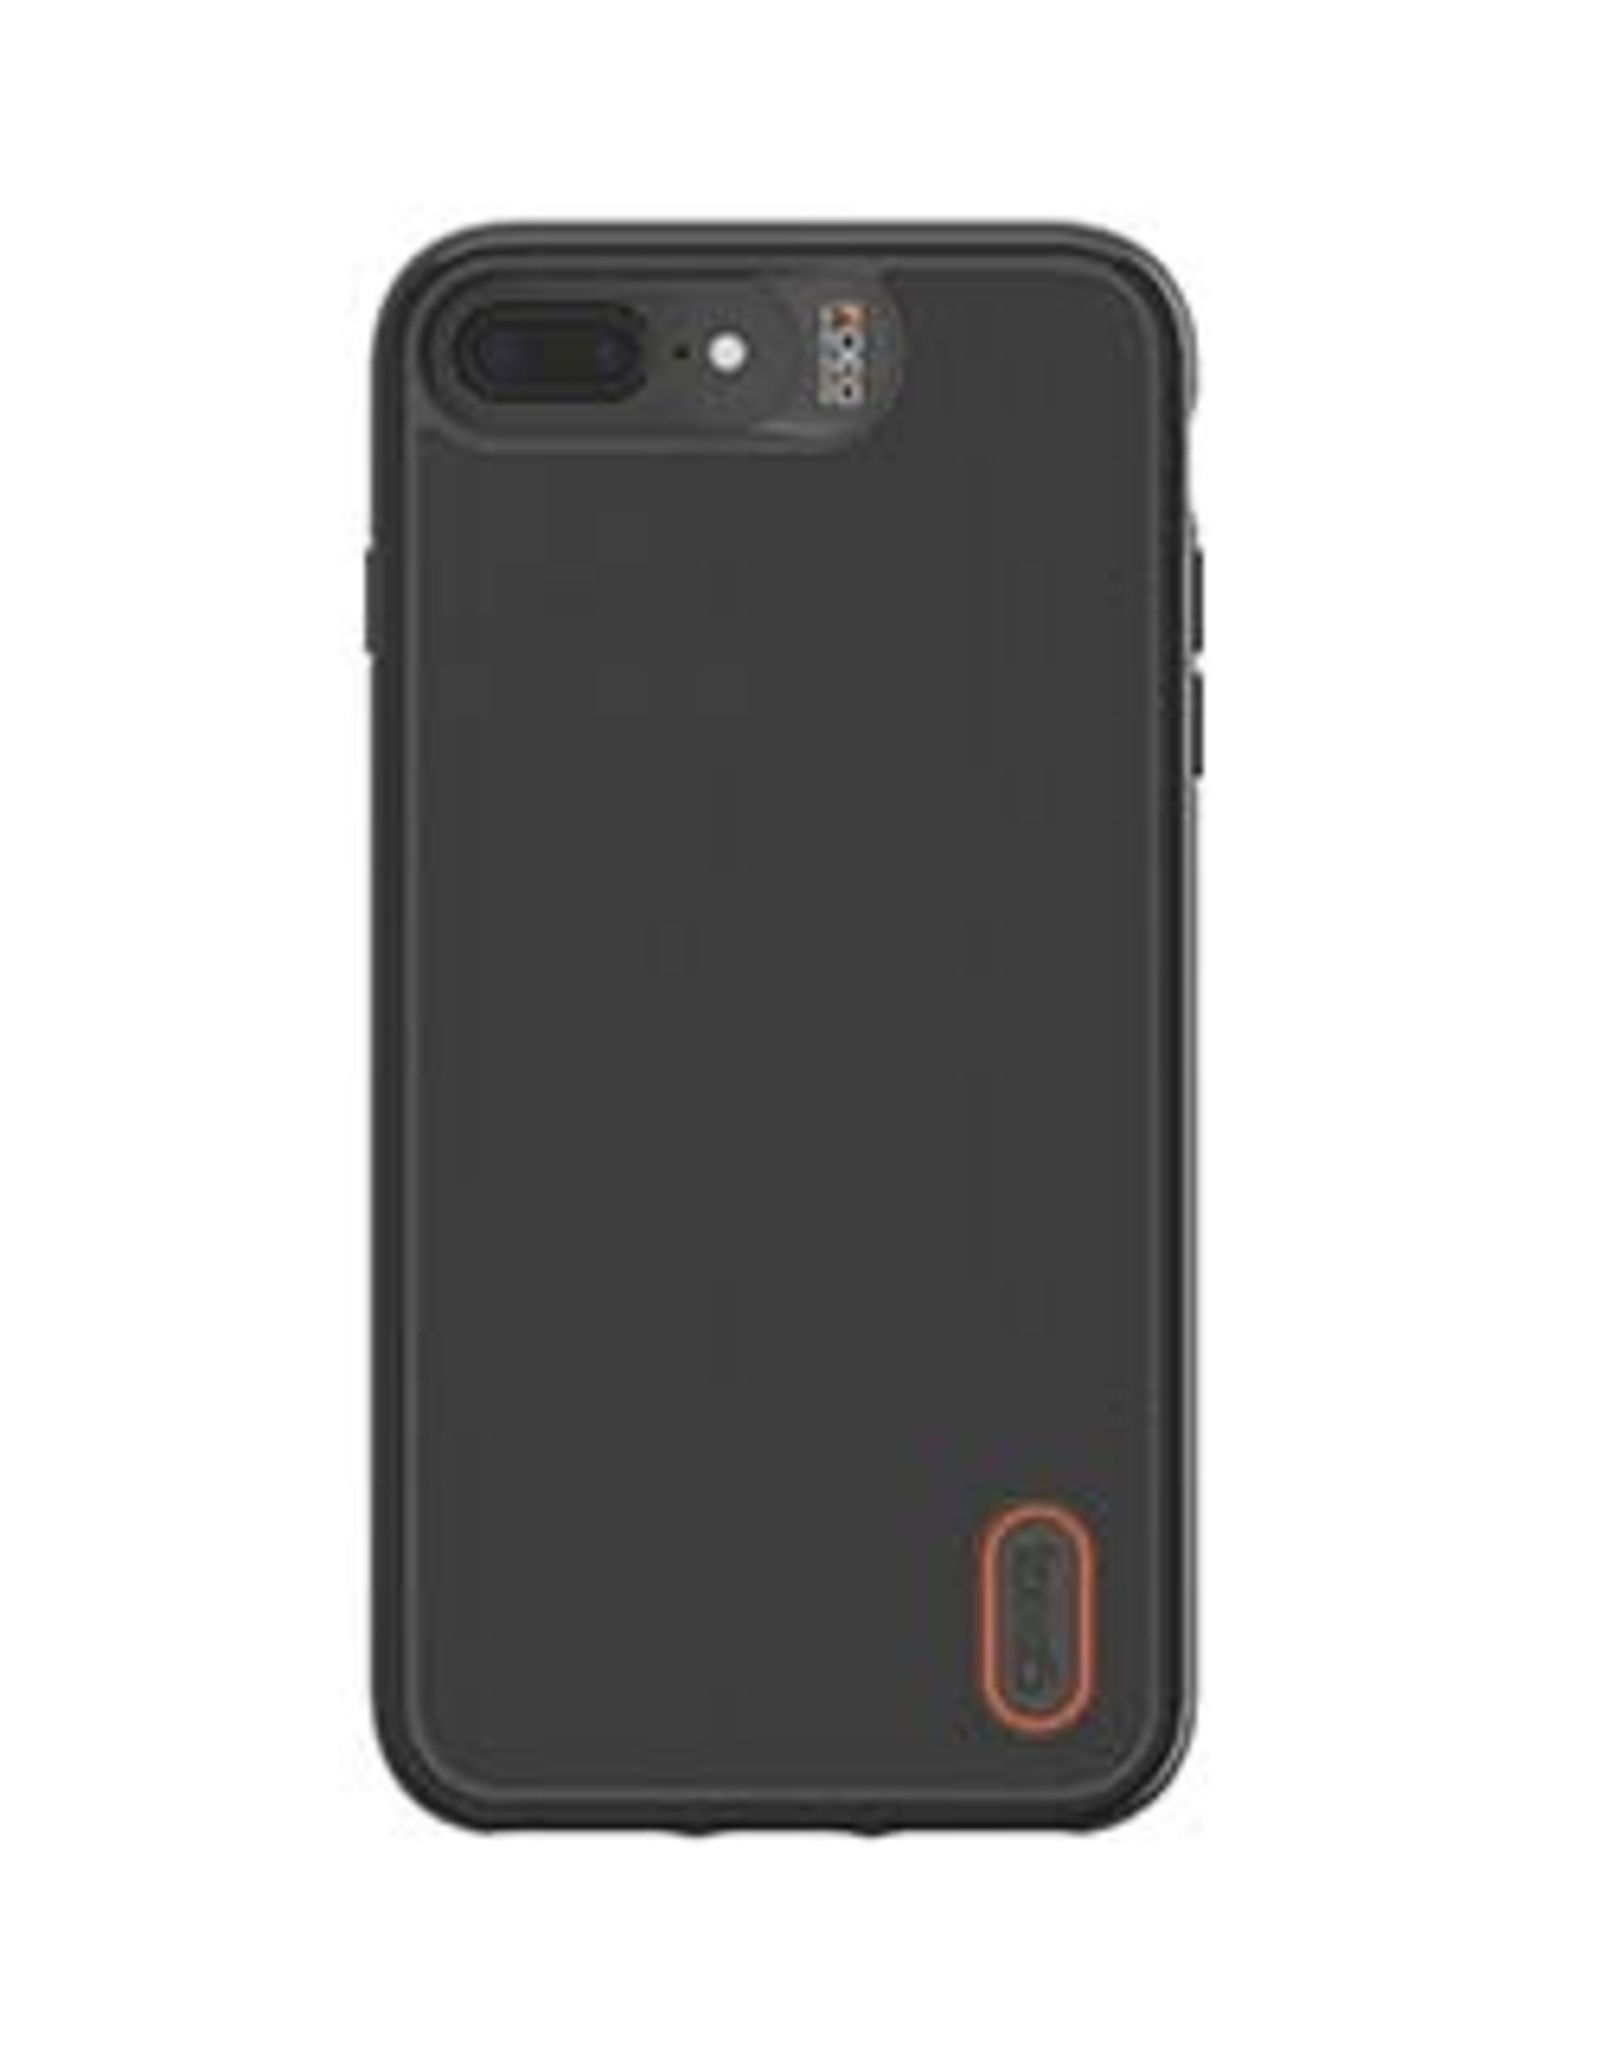 GEAR4 GEAR4   Black Battersea Case for iPhone 6+/7+/8+ 15-03858